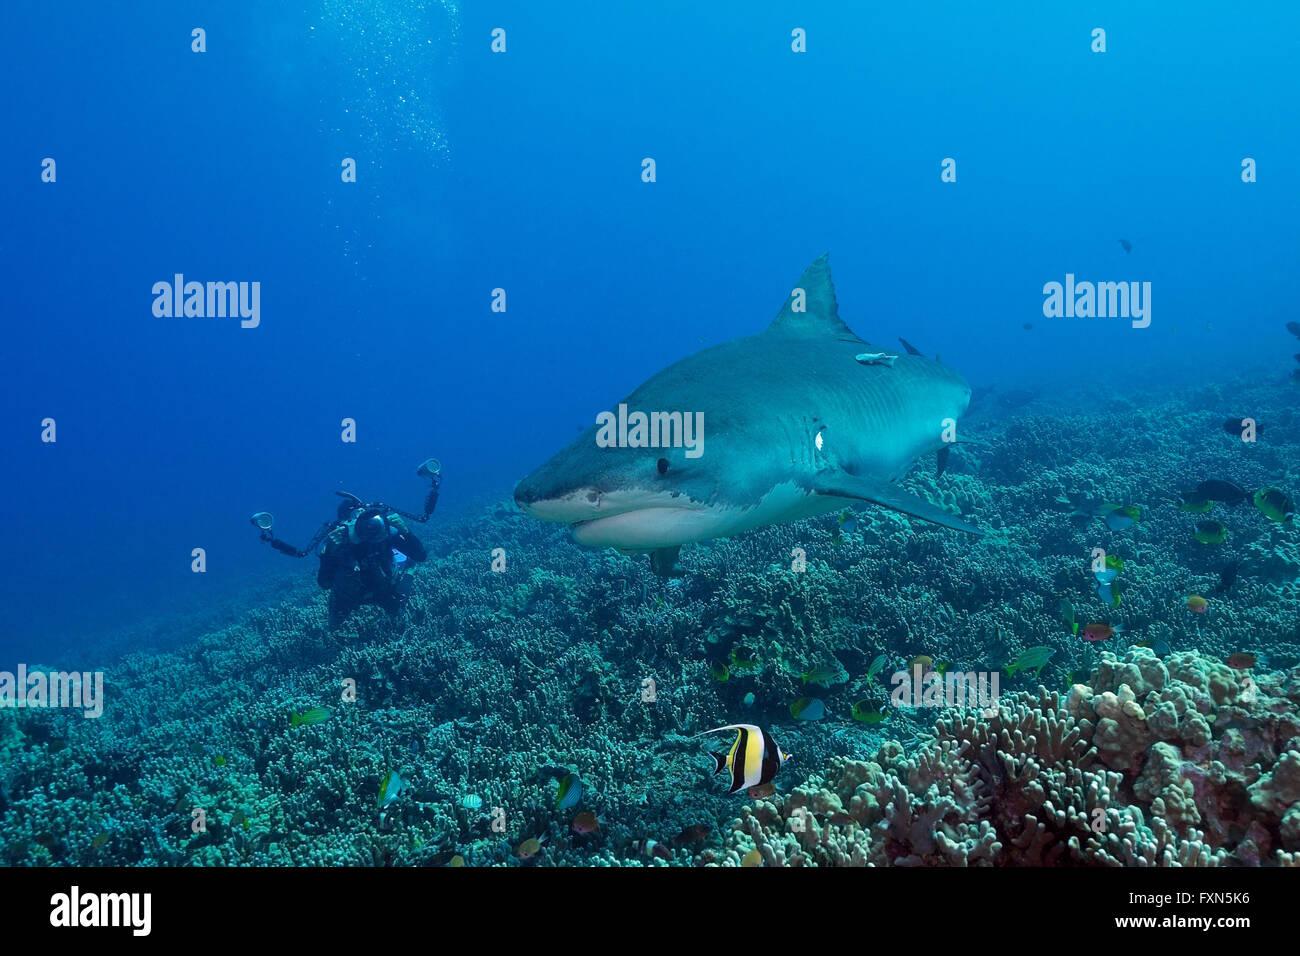 Photographie de plongeur, requin tigre Galeocerdo cuvier, sur les récifs coralliens, avec l'idole maure, Photo Stock